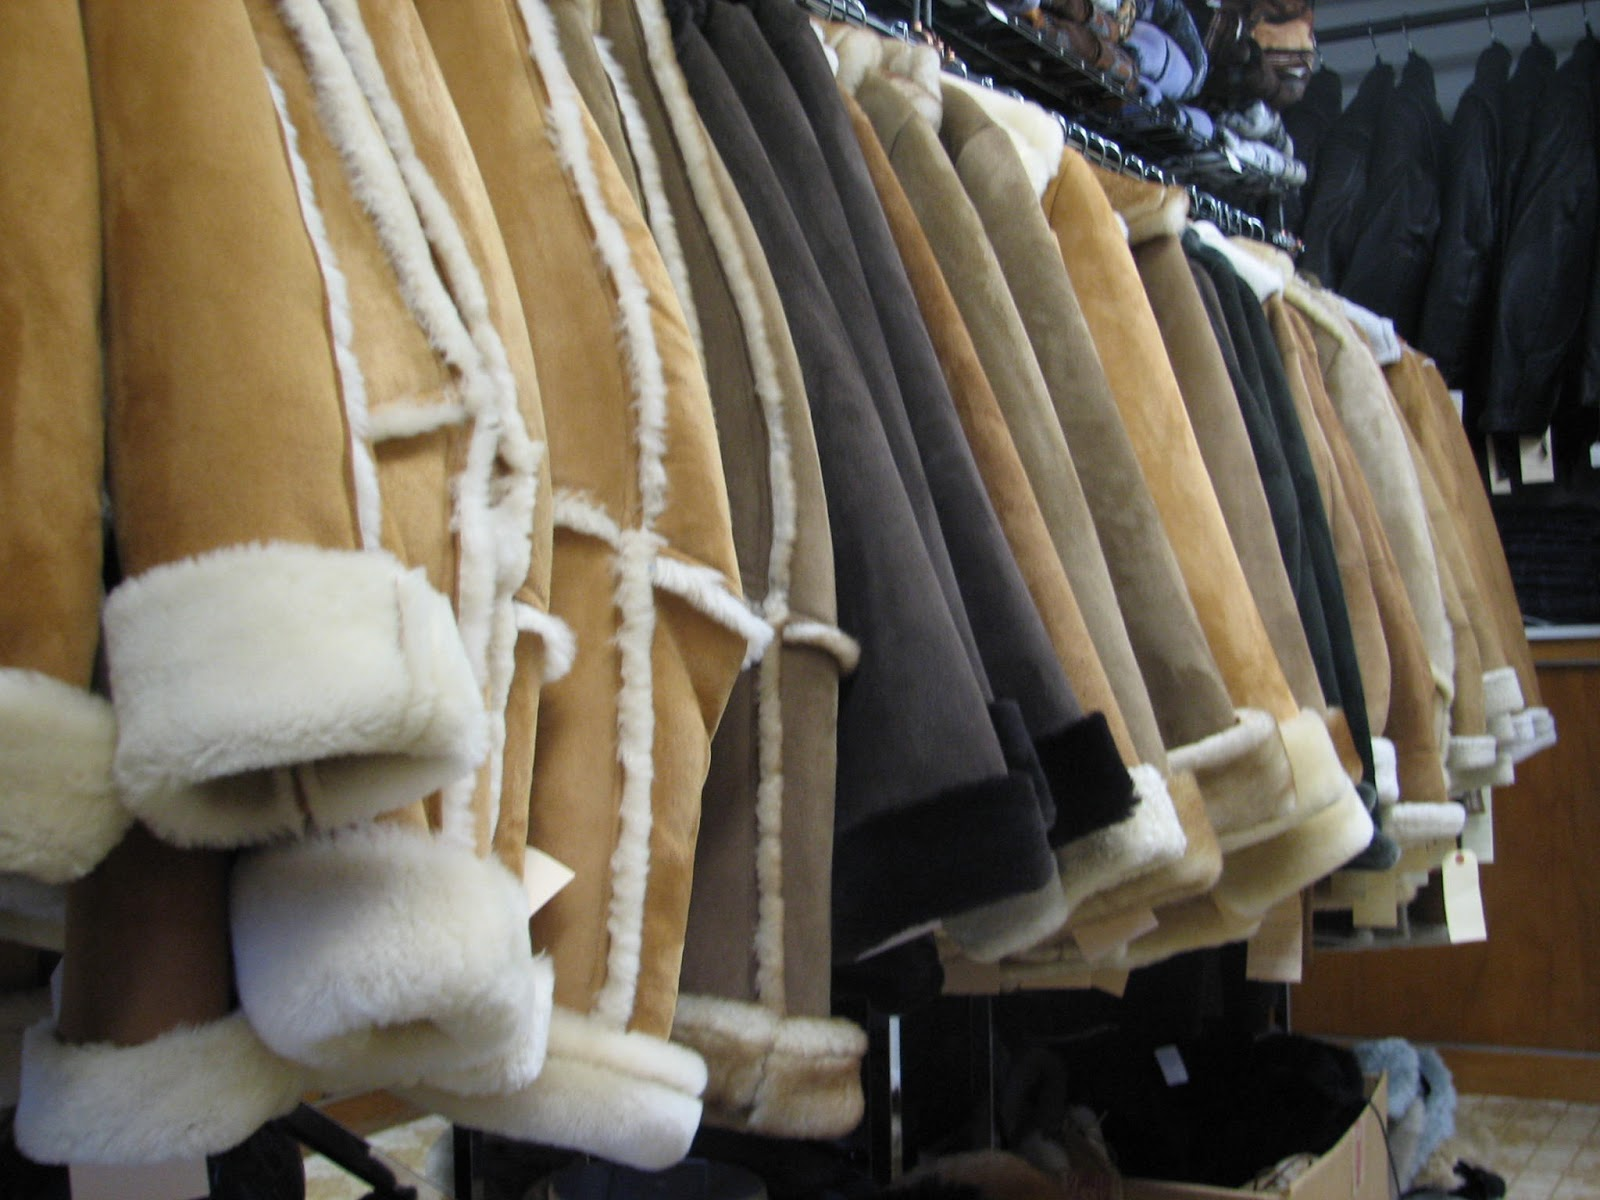 Как почистить натуральную дубленку и пальто в домашних условиях (2 фото)